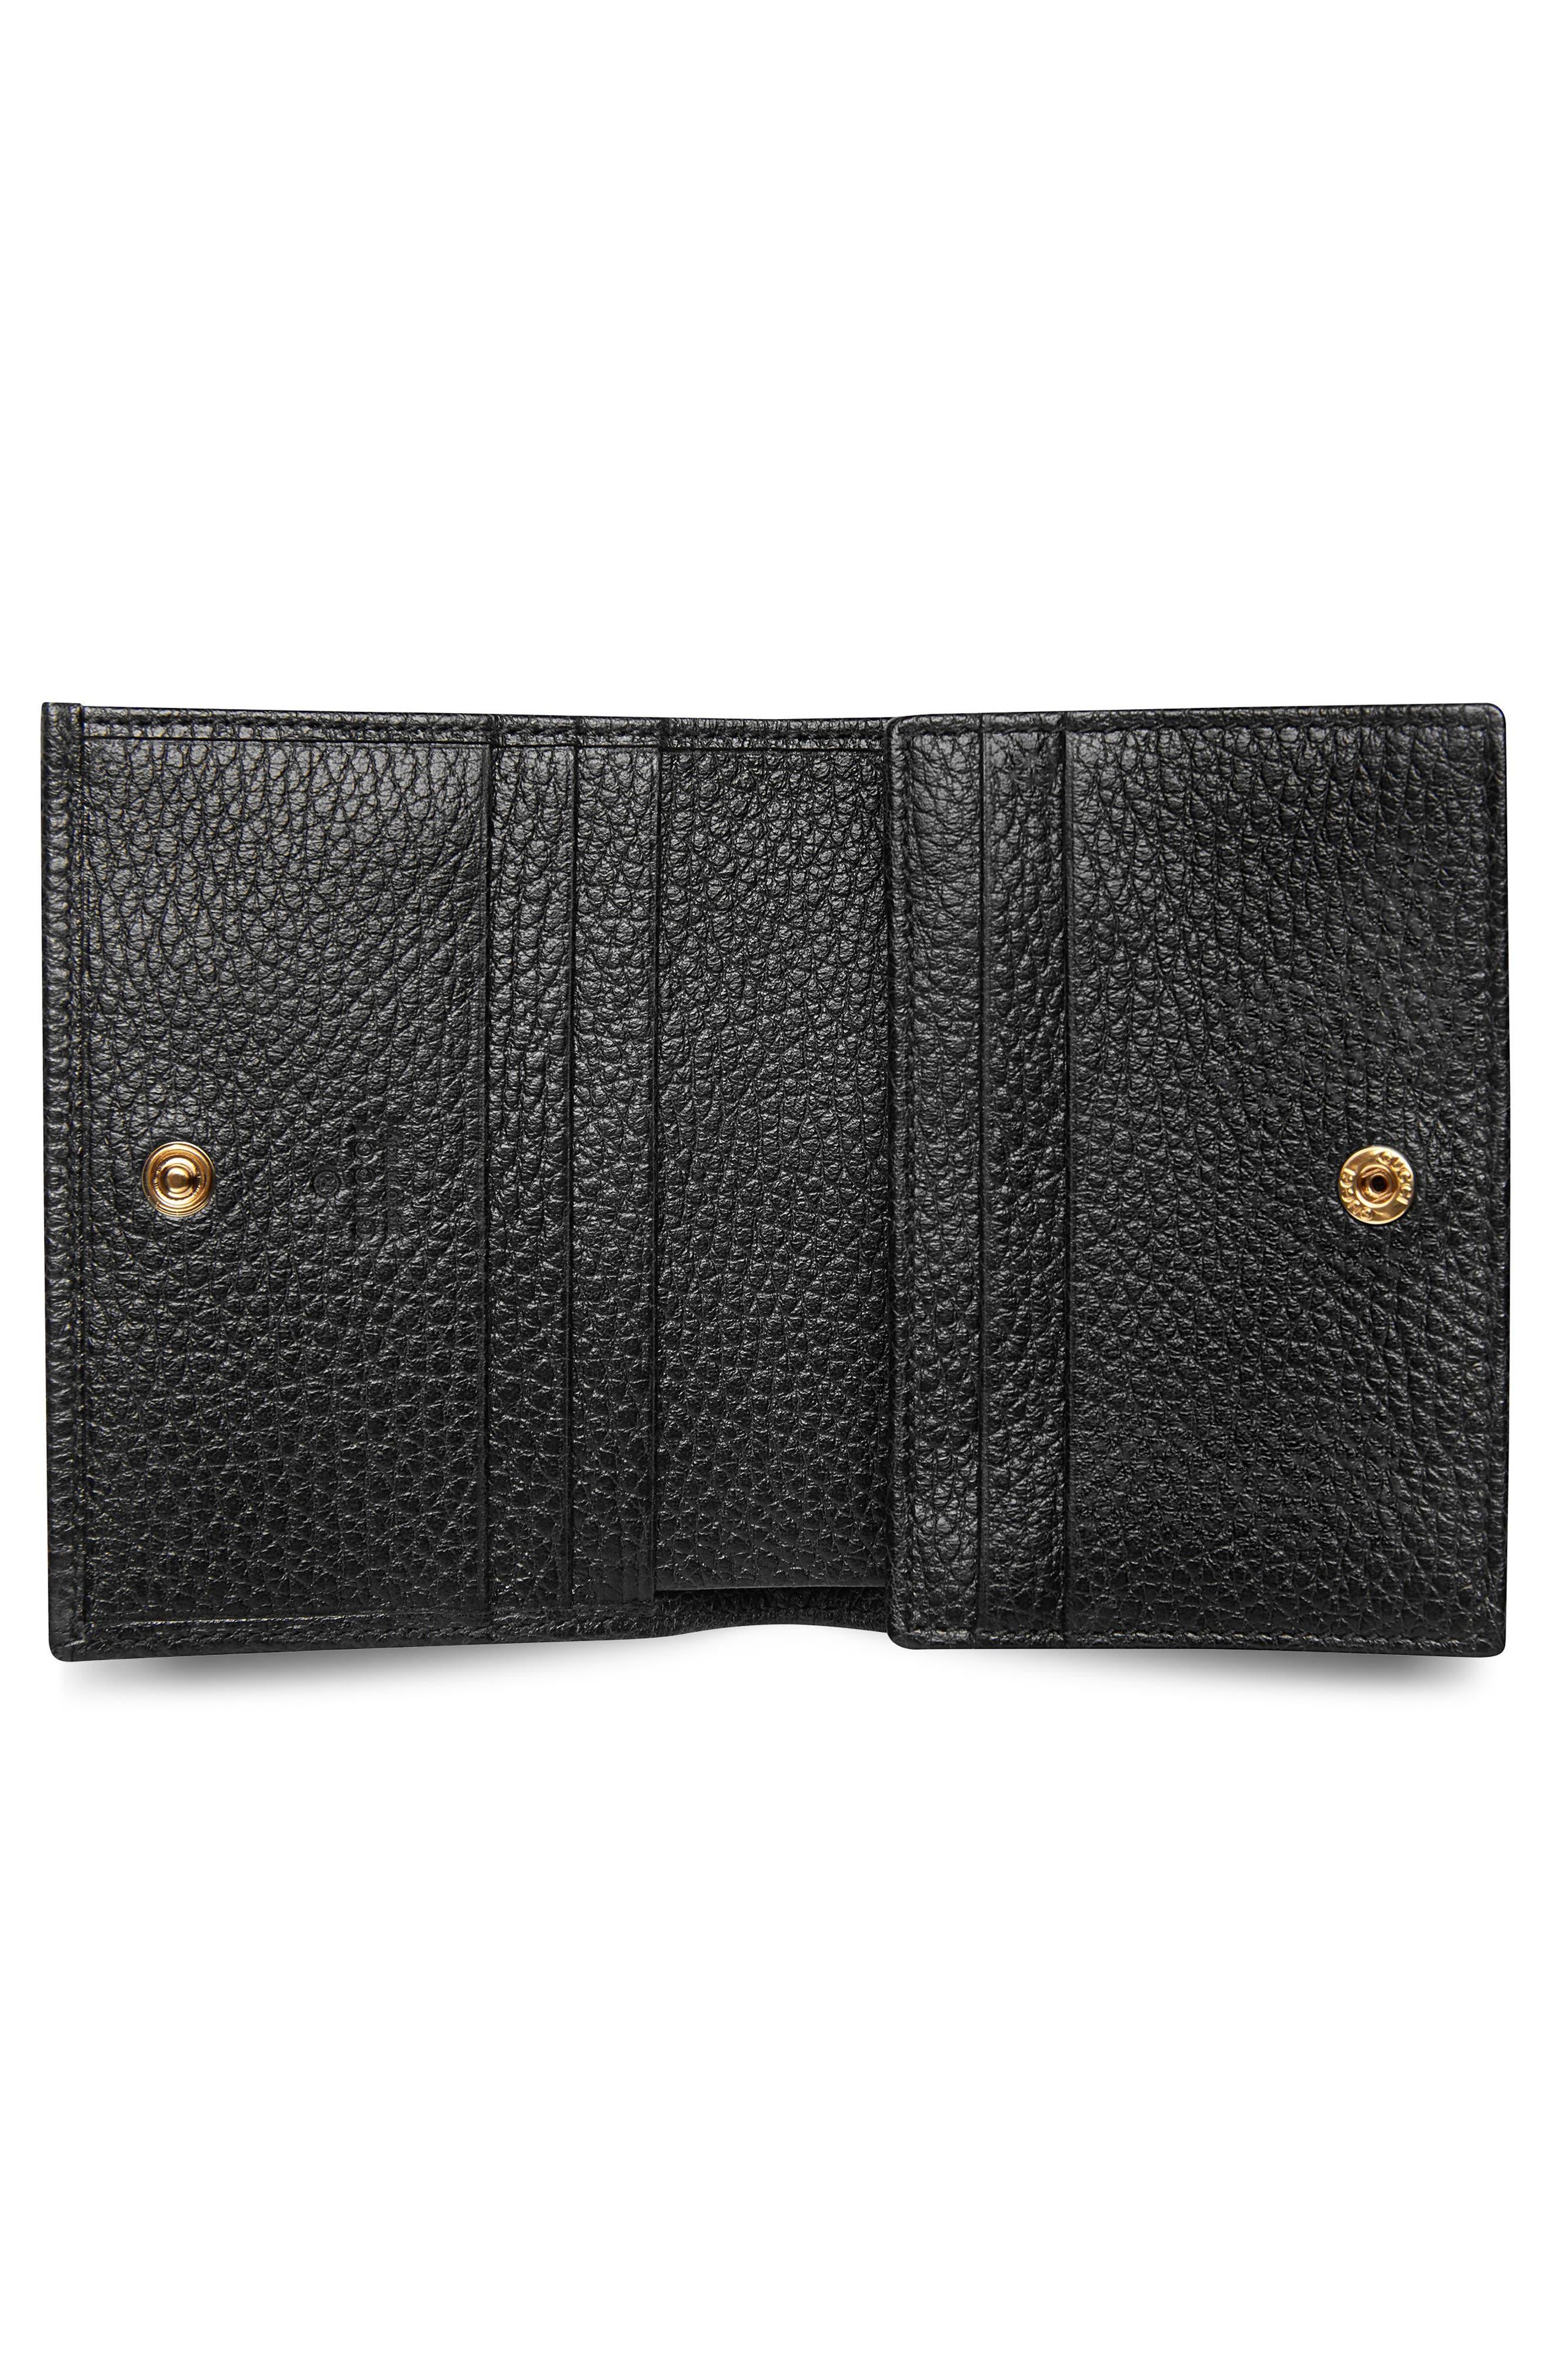 b2430377164 Women s  300 –  500 Designer Handbags   Wallets